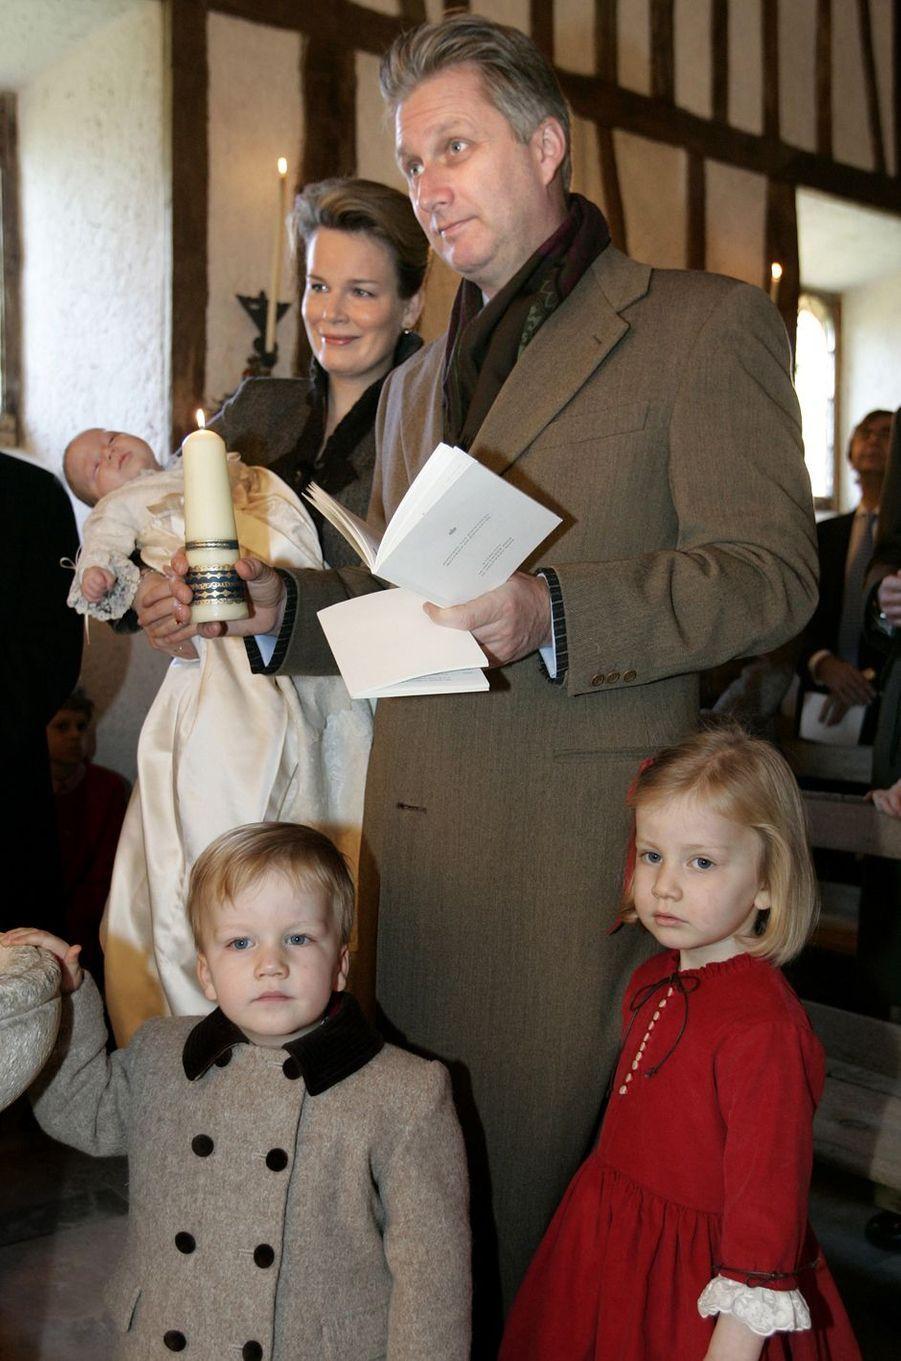 Le prince Gabriel de Belgique avec ses parents, sa soeur et son frère, le 10 décembre 2005